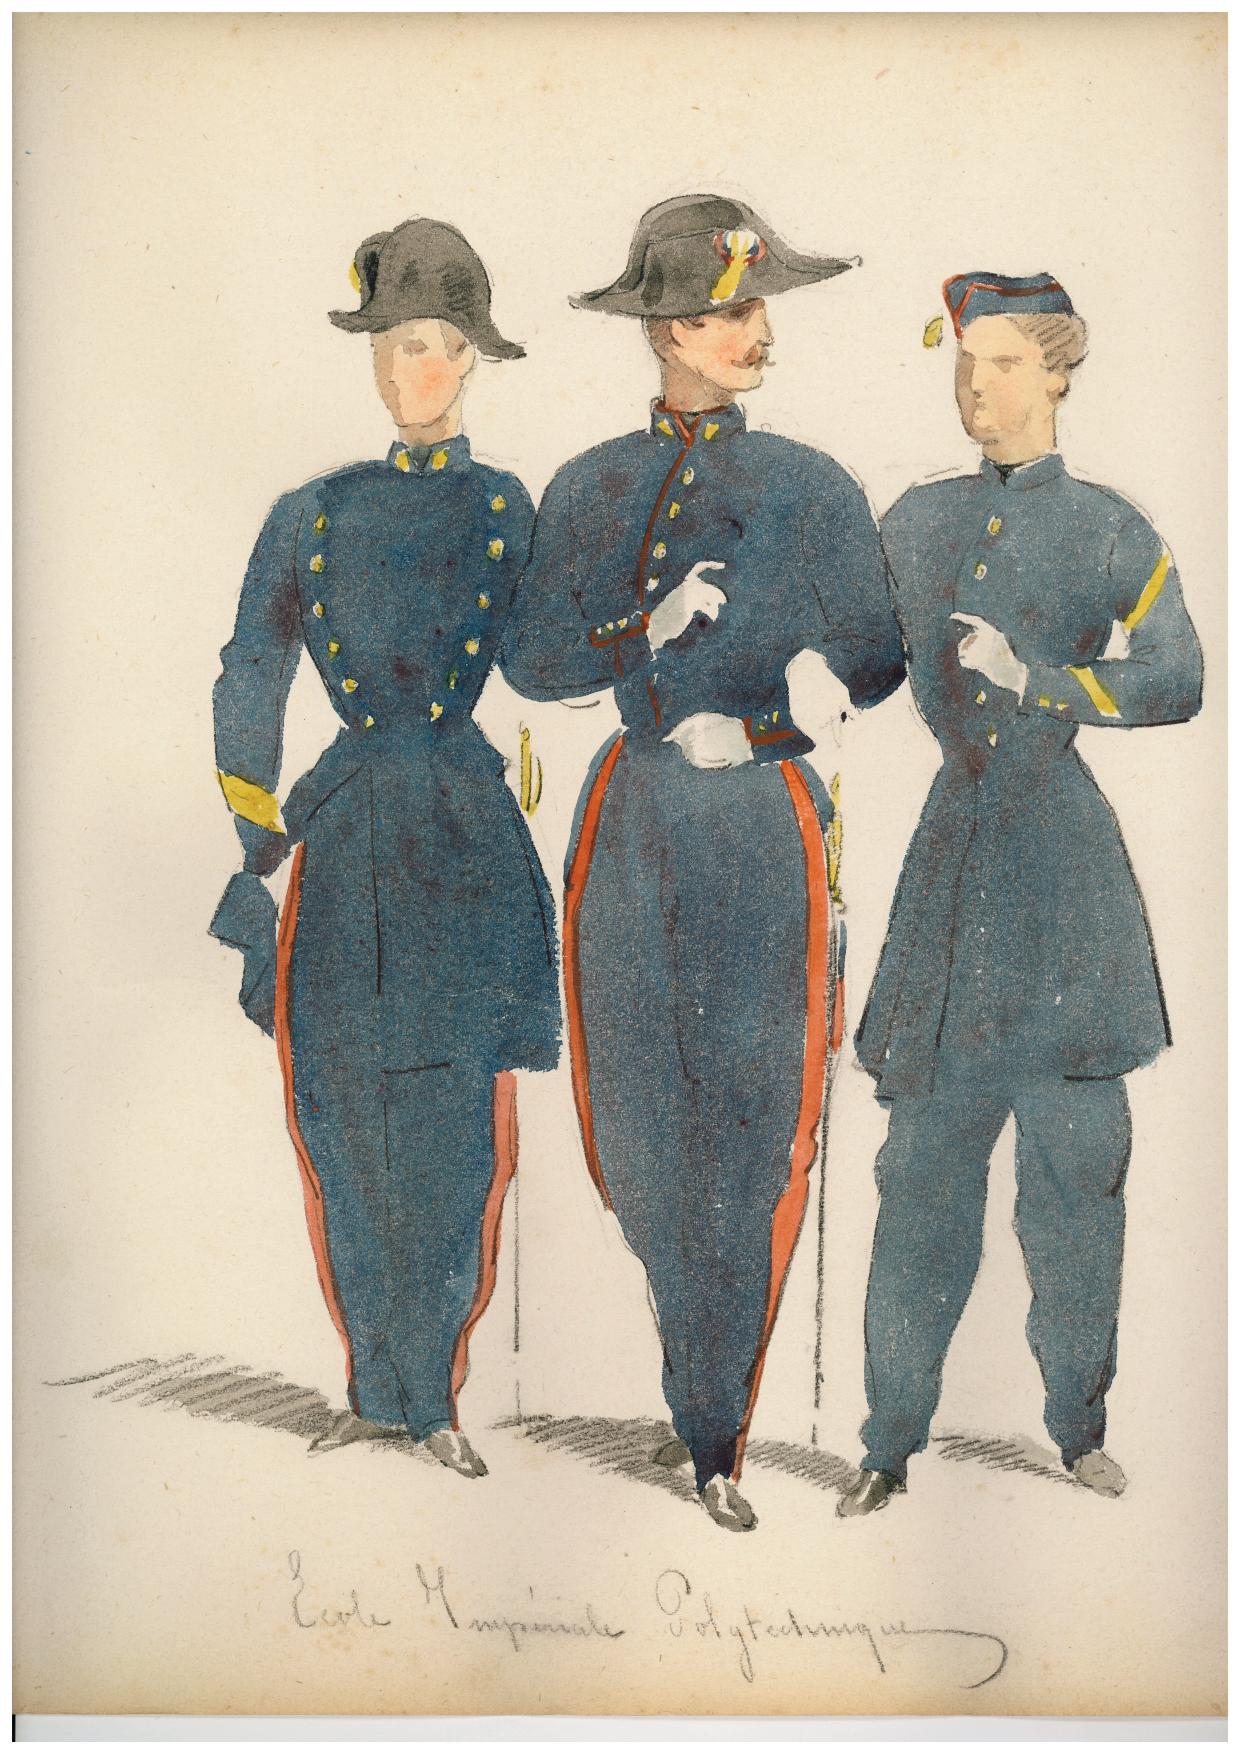 Uniformes du second Empire. Le pompon jône sur le bonnet de police est bien visible, à droite. collection de l'auteur